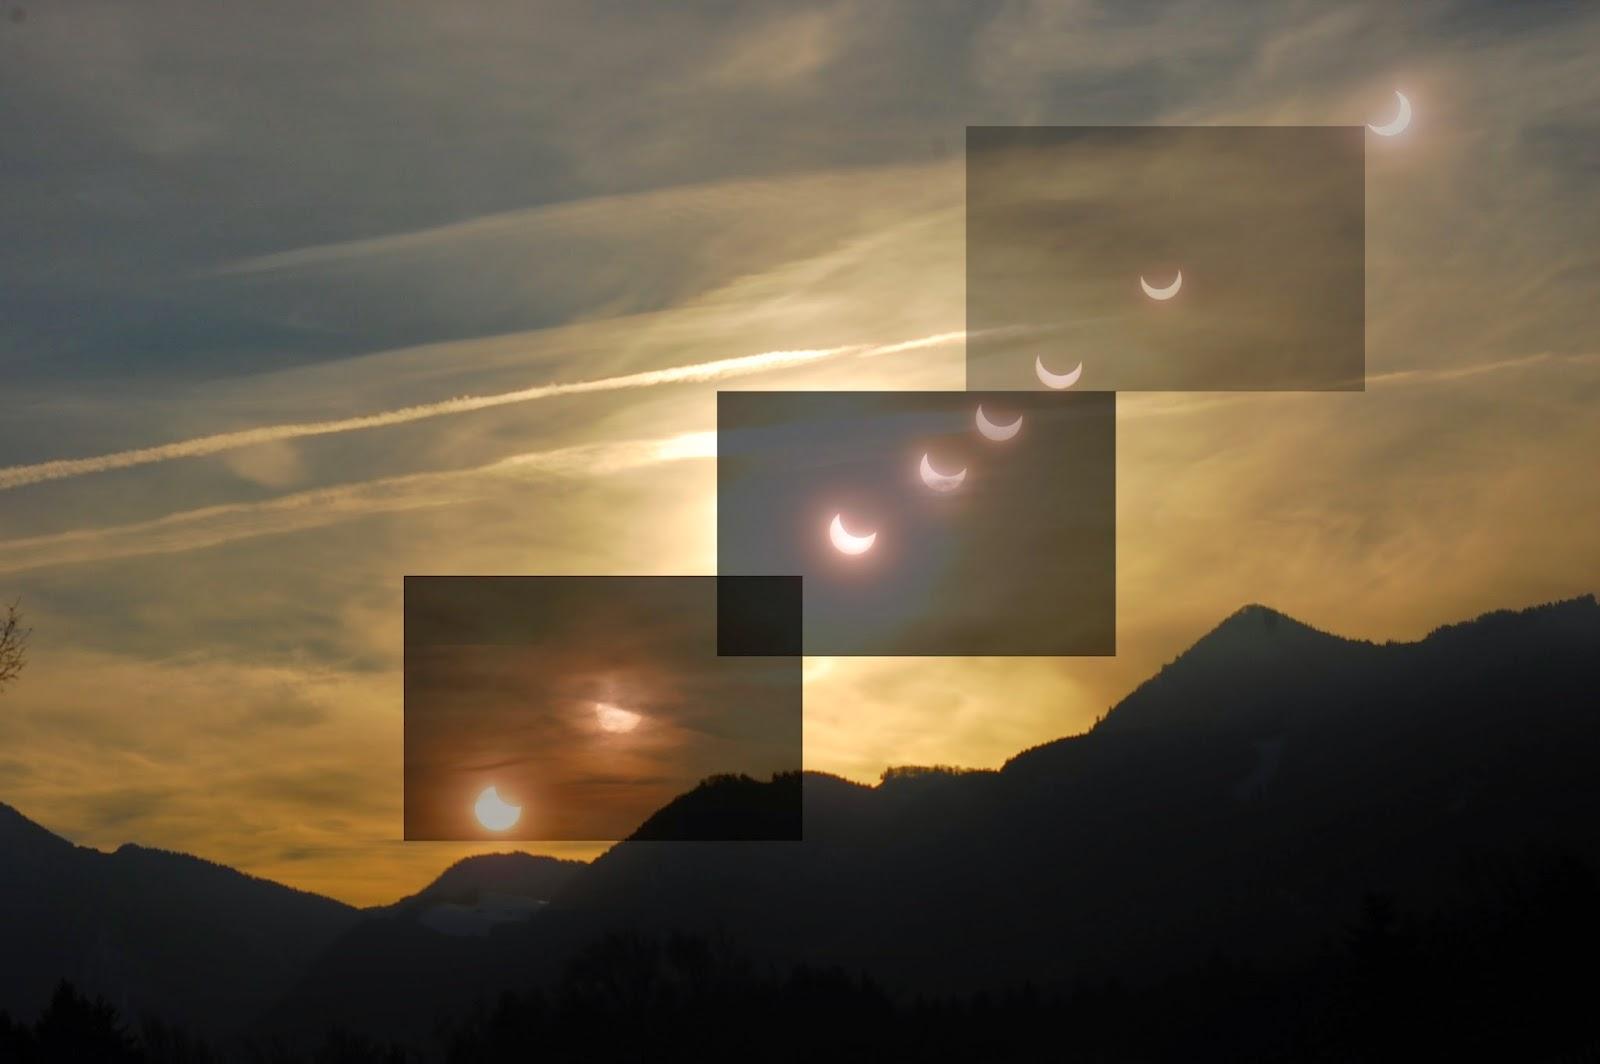 Partielle Sonnenfinsternis Montage